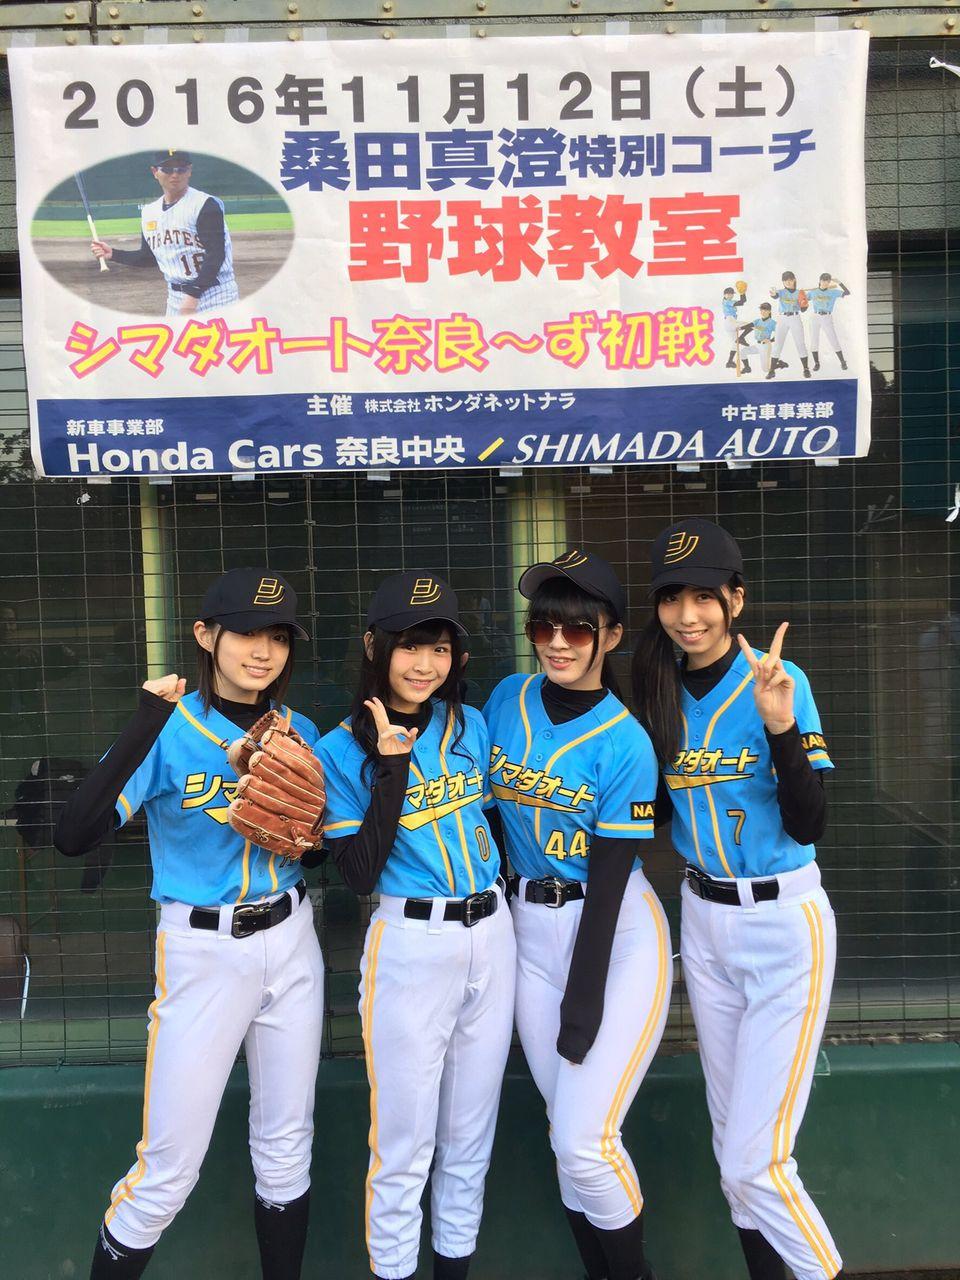 NMB48村中有基、桑田真澄をただの野球のうまいおじさんだと思っているwww